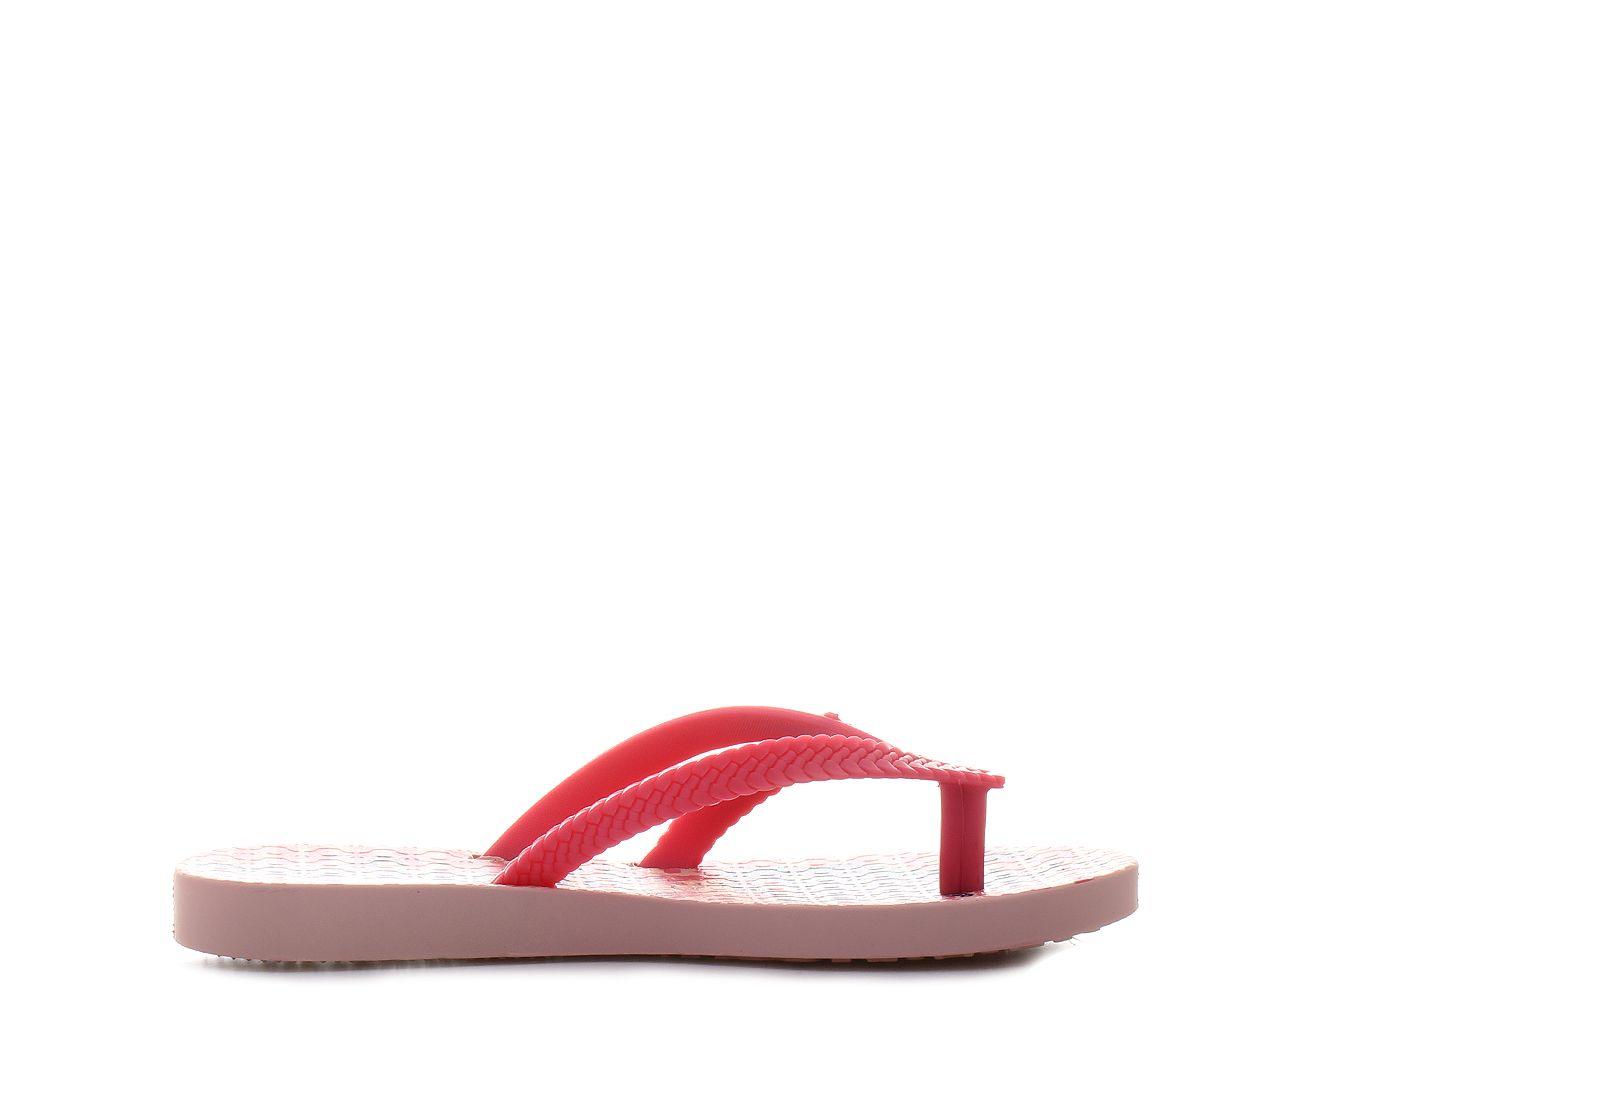 Ipanema Papucs - Bossa Print Kids - 82035-21038 - Office Shoes ... ca69f61d5b